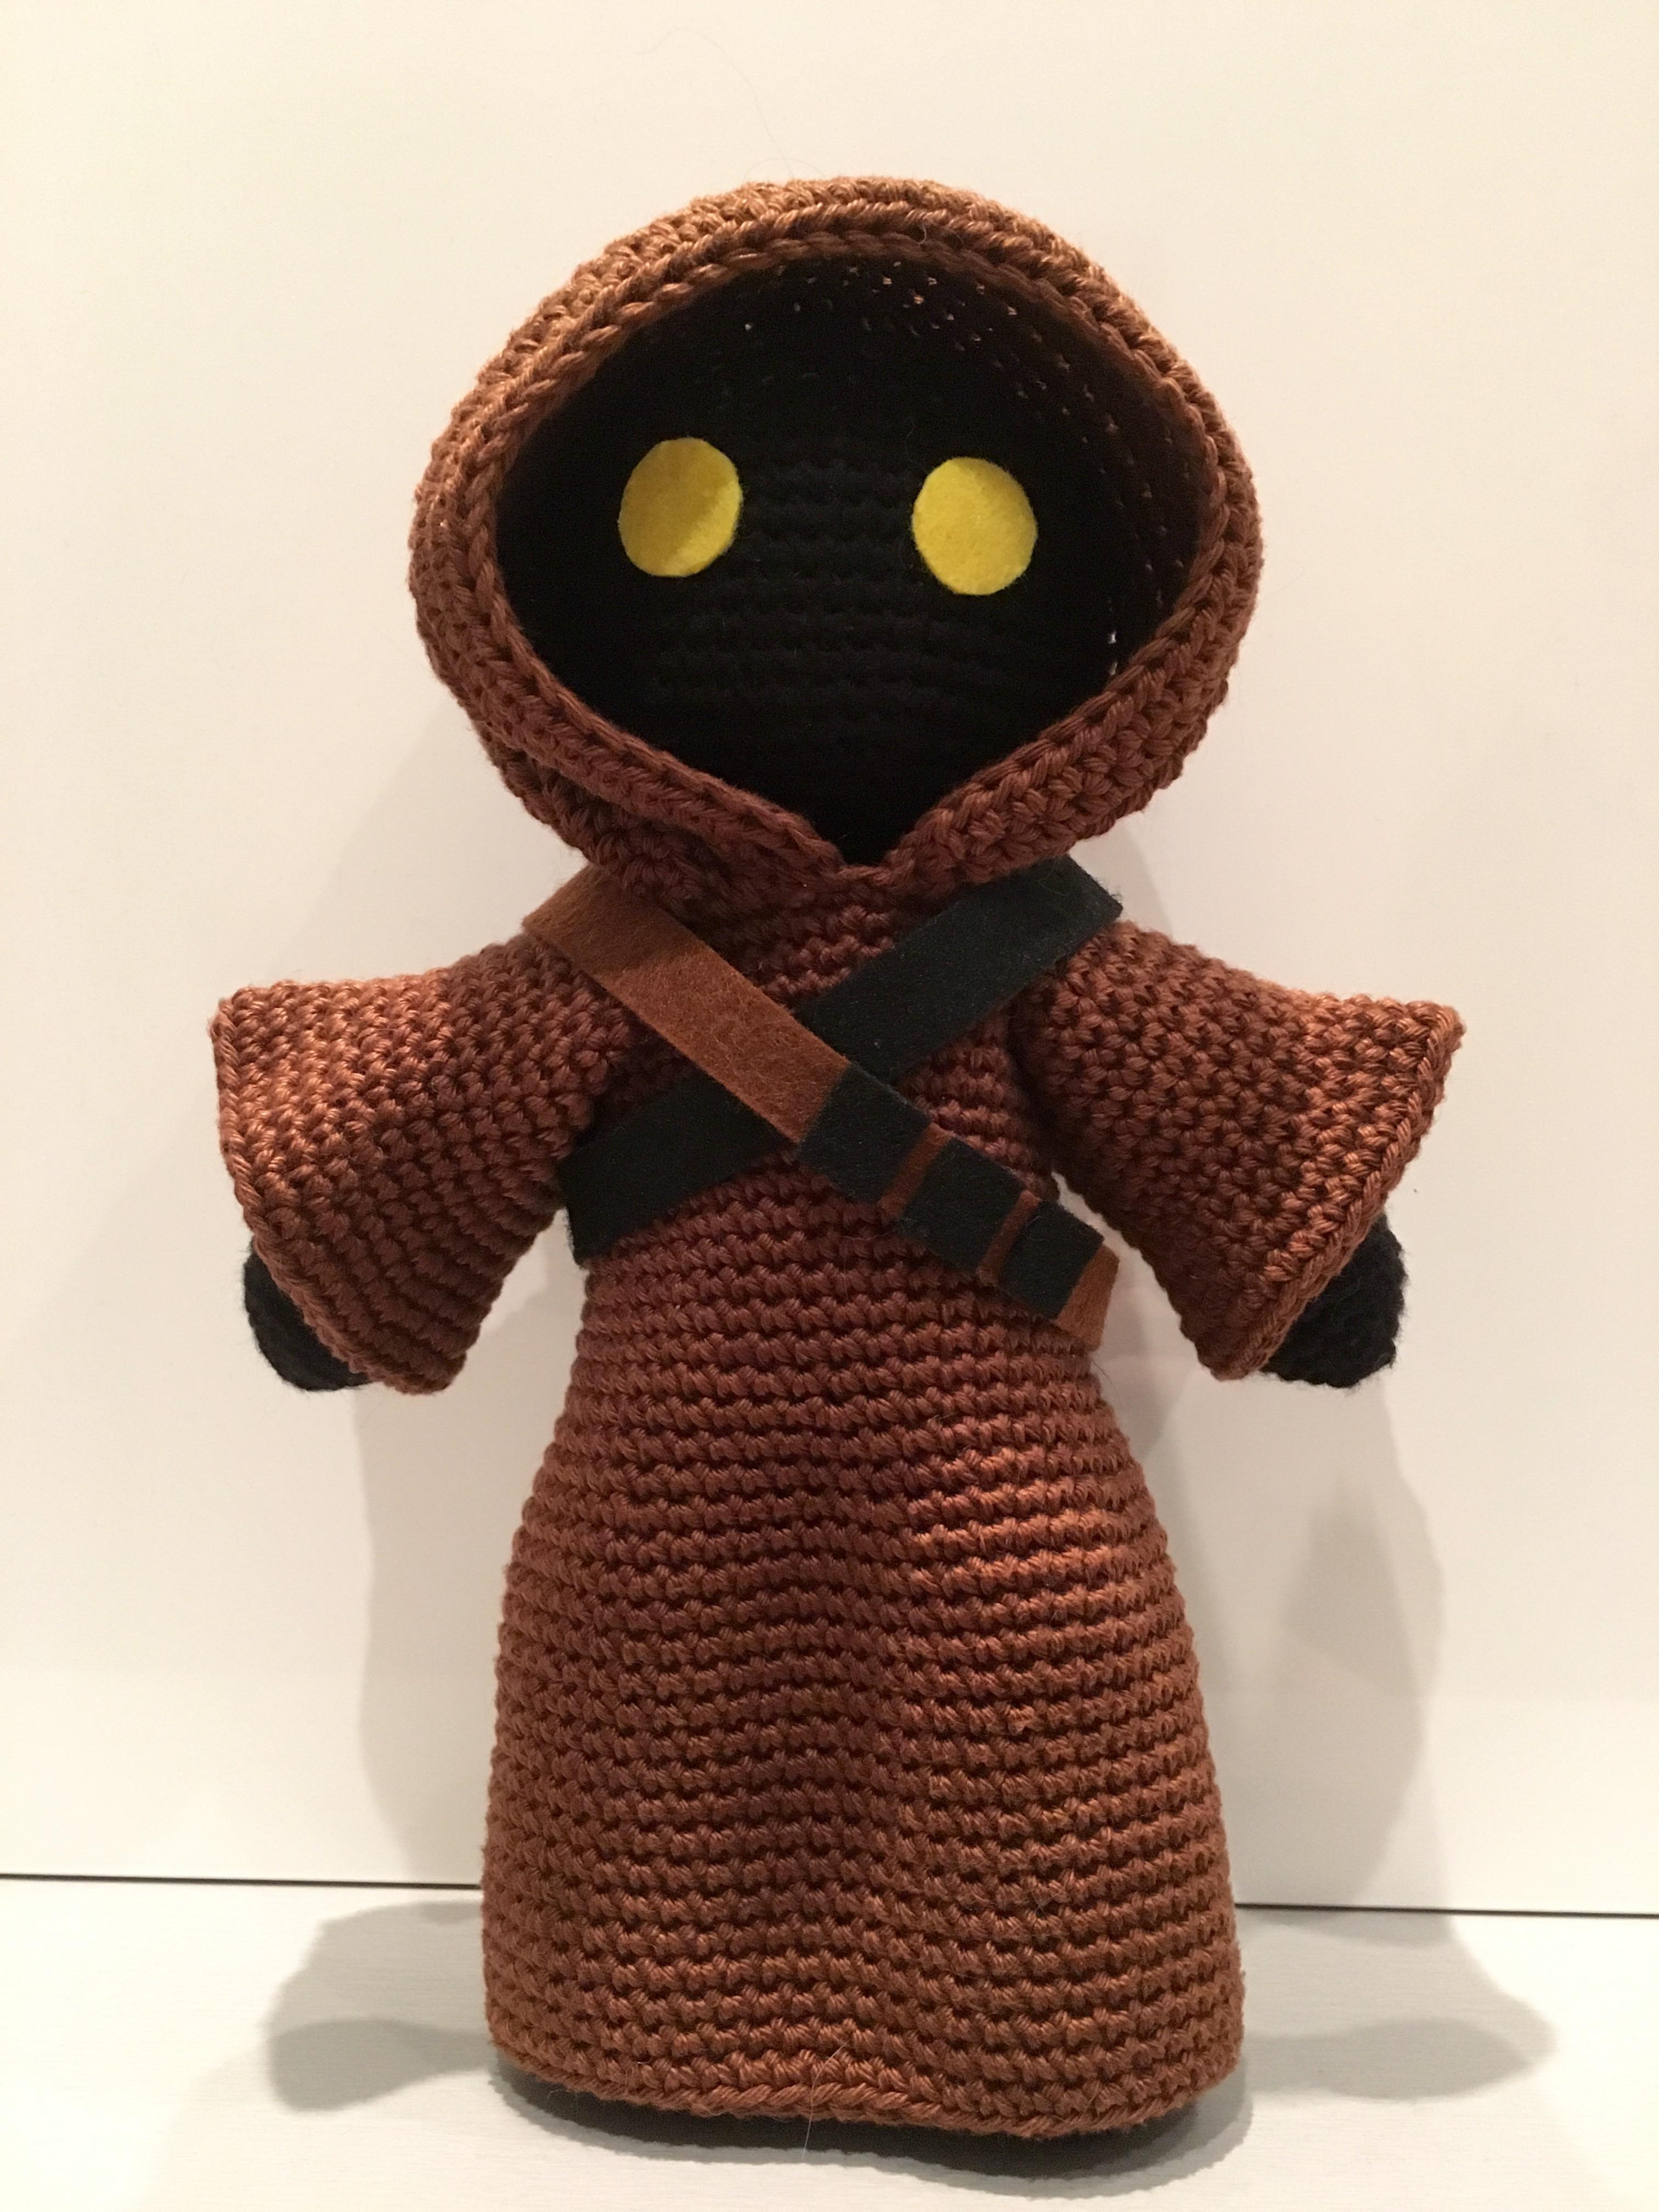 Crocheted Amigurumi Jawa